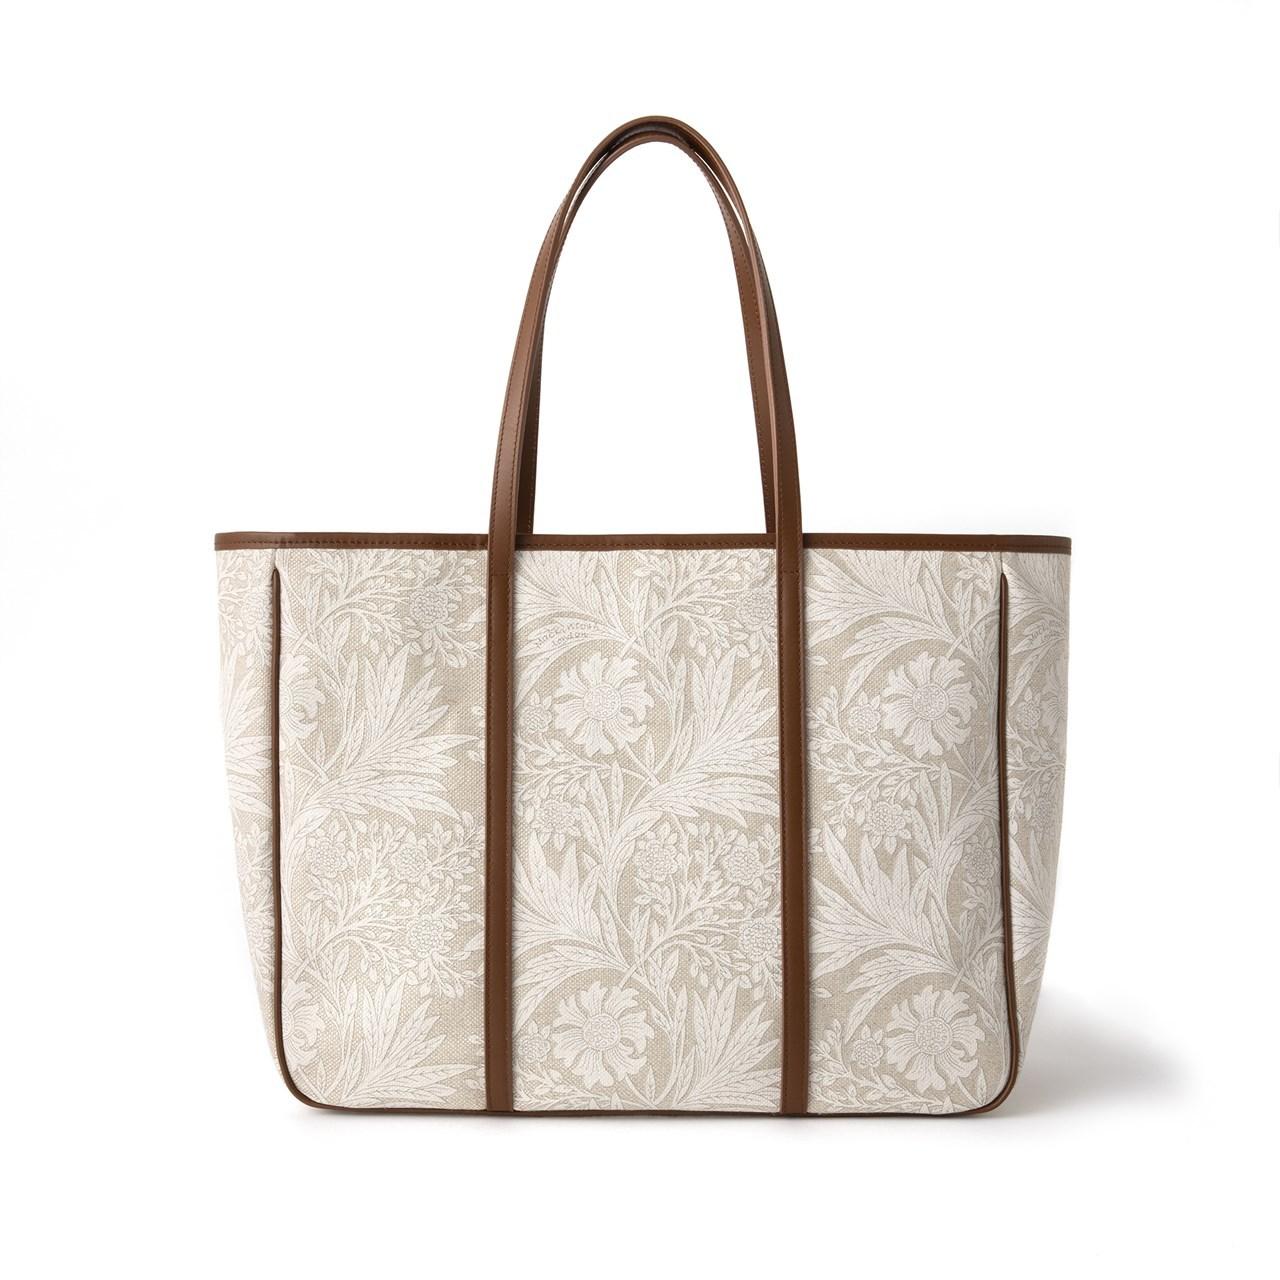 「マッキントッシュ ロンドン」バイブリーフラワーのバッグ